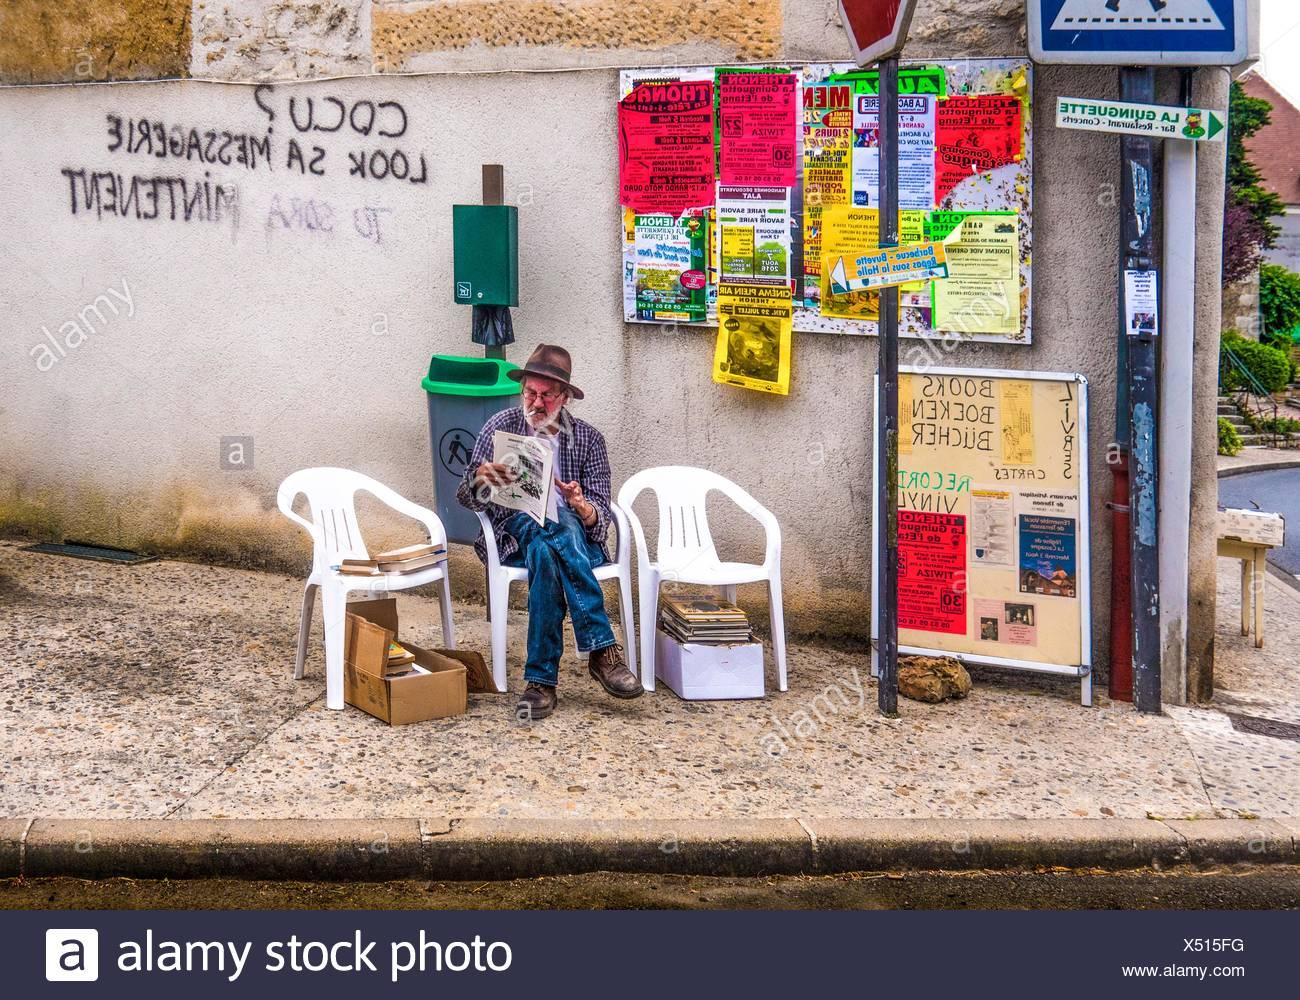 Les graffitis en très mauvais français, Thenon, Dordogne, France, Nouvelle-Aquitaine Photo Stock